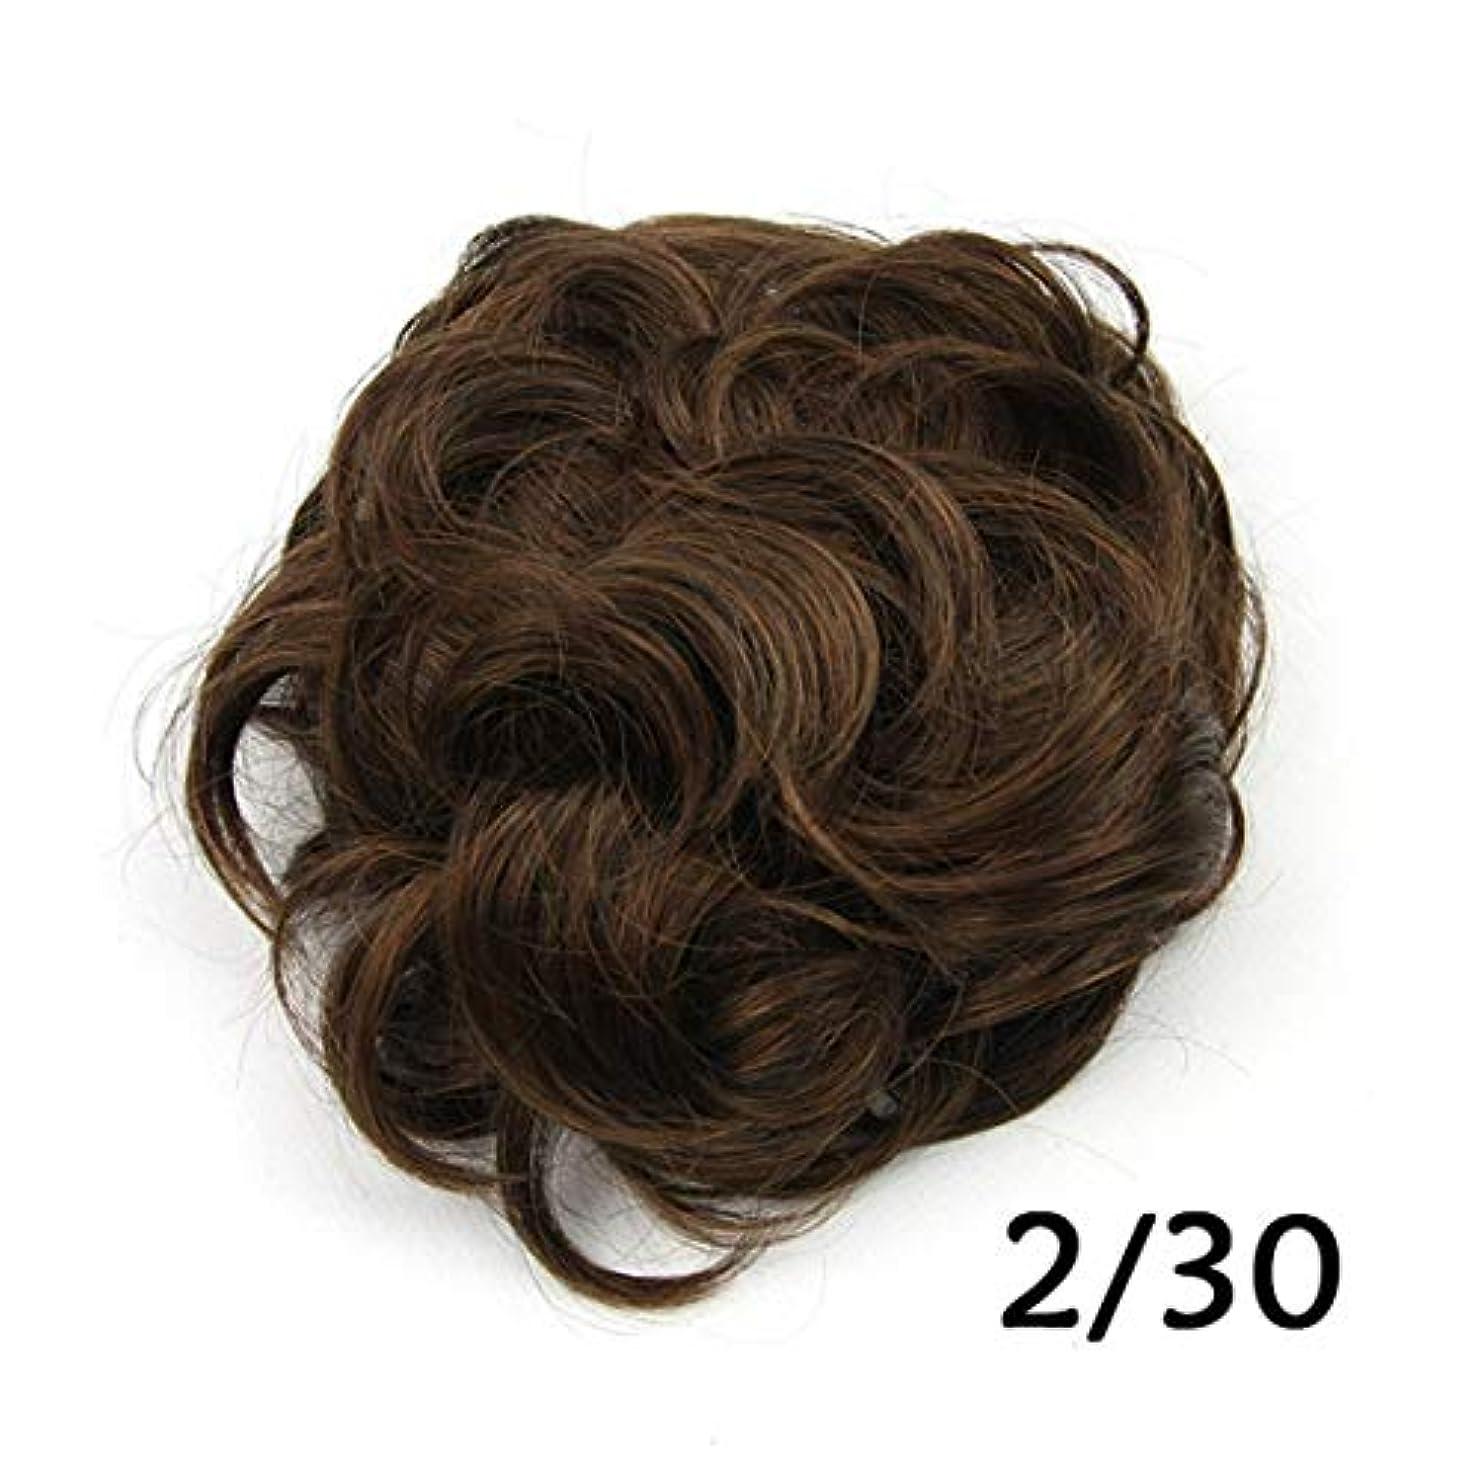 露骨な流体完璧なJIANFU かわいい髪は女性のためのロープのバンの甘いフラワーボールの頭髪を引っ張る高温のシルクの髪 (色 : Color 2/30)